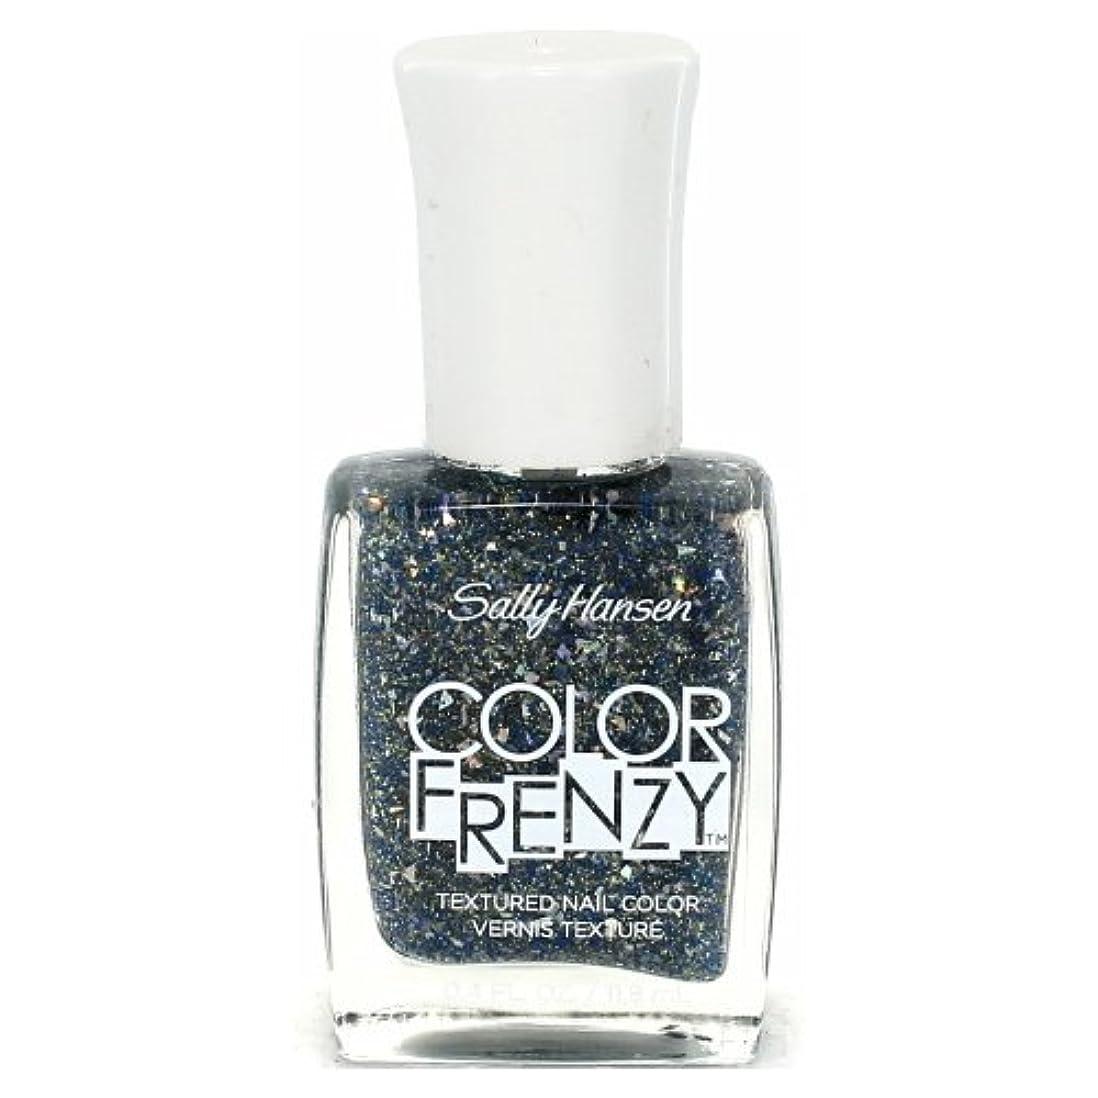 温帯望ましい骨折(6 Pack) SALLY HANSEN Color Frenzy Textured Nail Color - Sea Salt (並行輸入品)